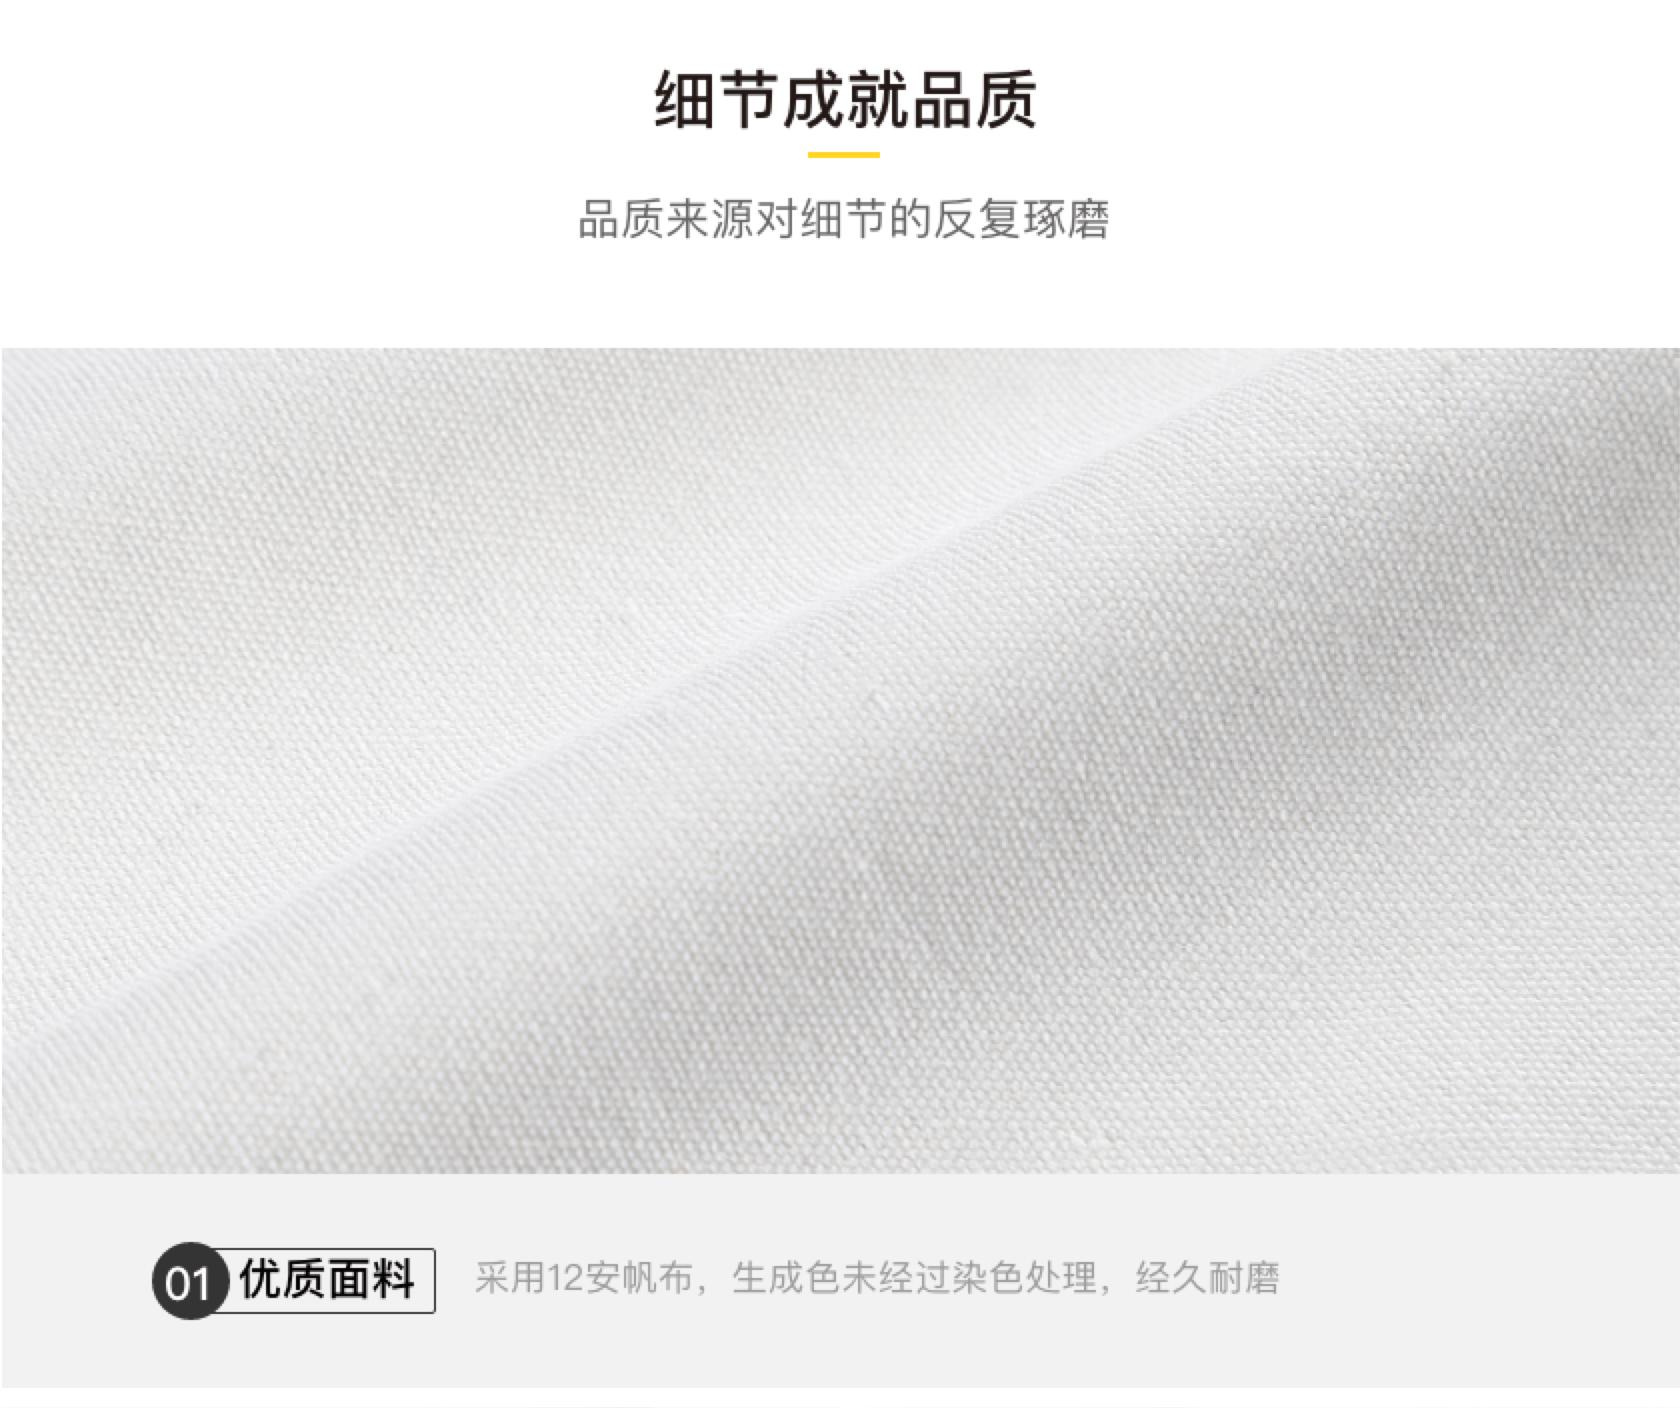 定制拉链帆布包细节1